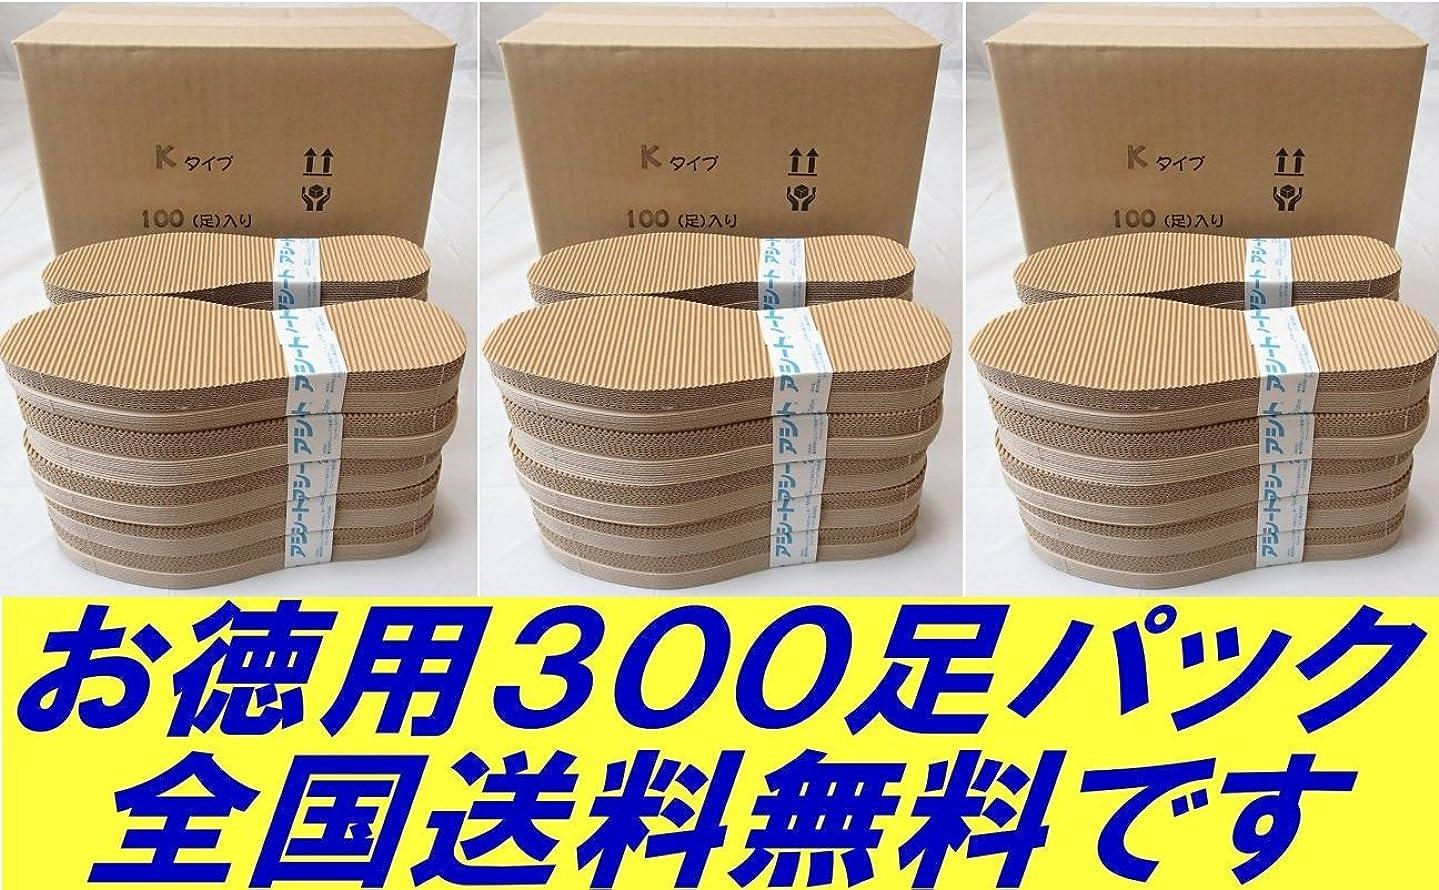 お母さん軽食お別れアシートKタイプお得用パック300足入り (26.5~27.0cm)